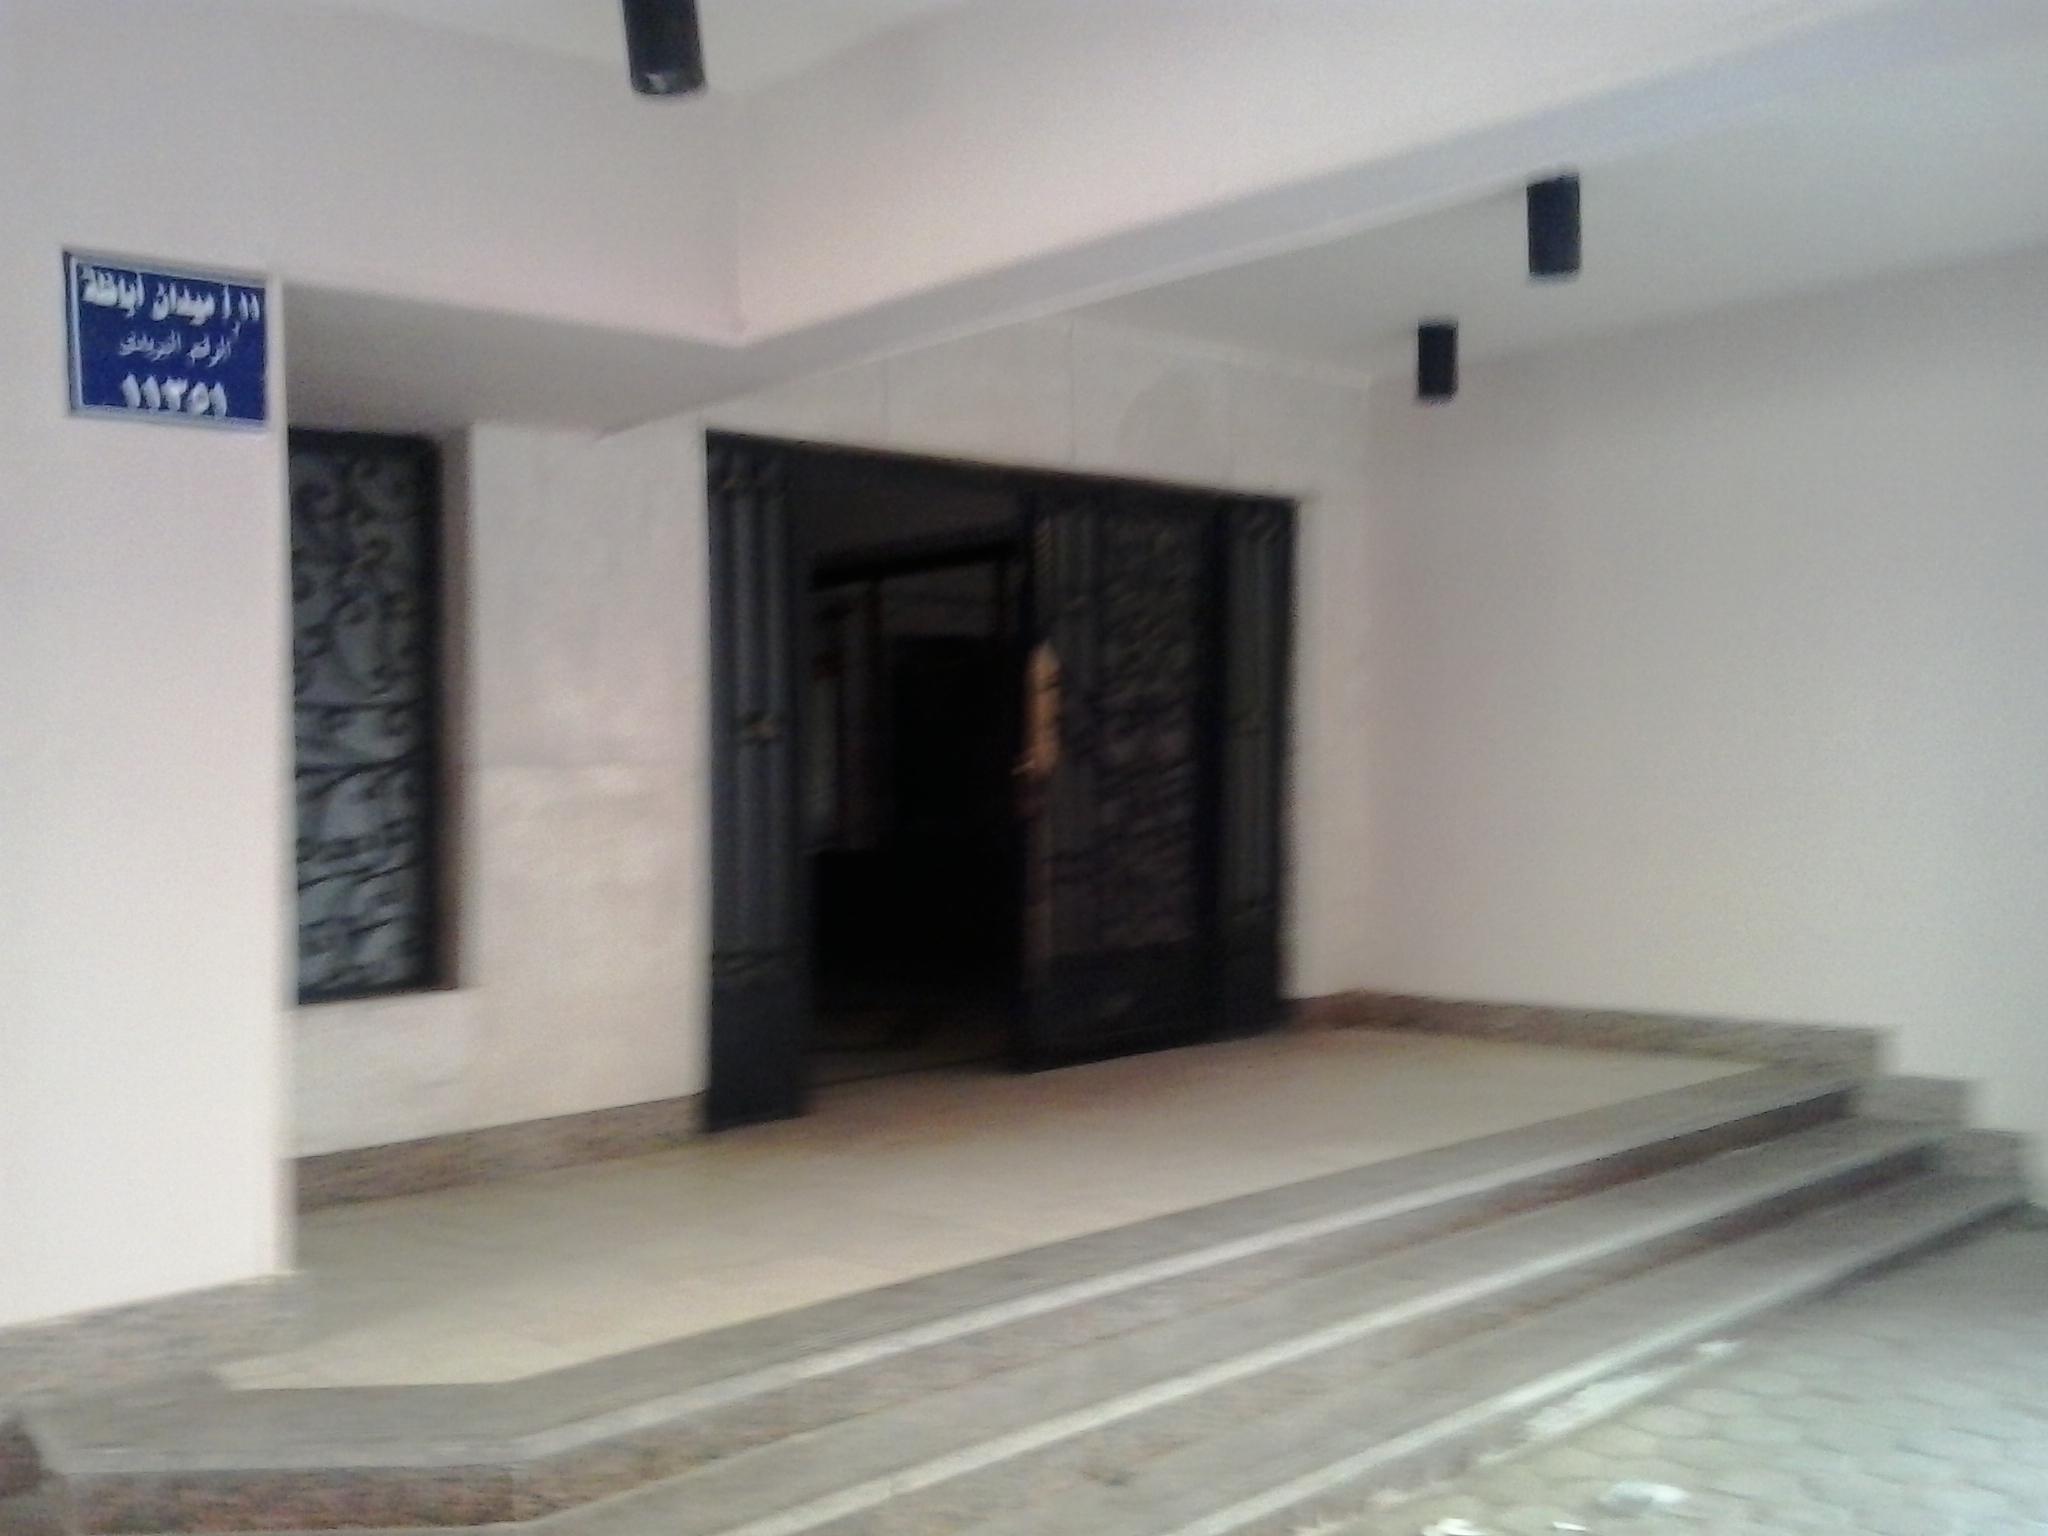 شقة 183 متر مربع للبيع مصر الجديدة  escitalopram 5 mg escitalopram forum escitaloprama